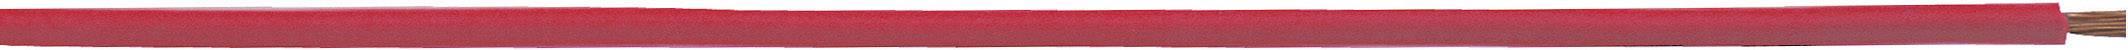 Opletenie / lanko LappKabel 4510081 H05V-K, 1 x 0.50 mm², vonkajší Ø 2.10 mm, 100 m, ružová